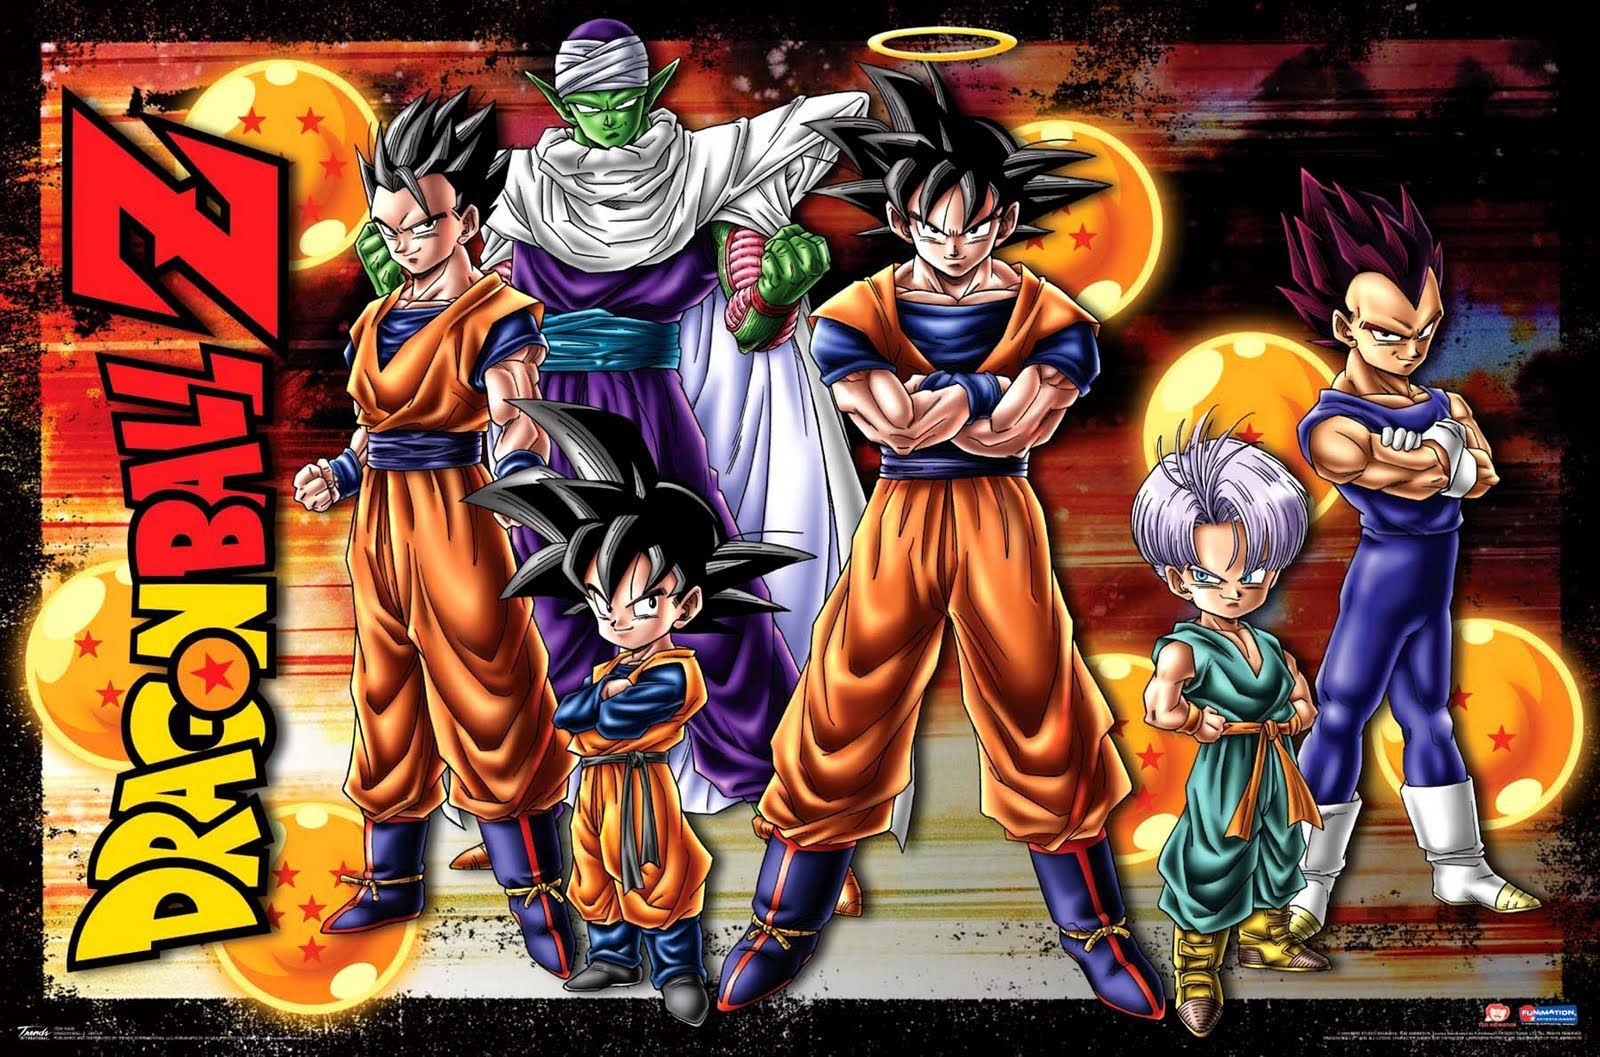 Dragon Ball Z Photo Dragonball Z Dragon Ball Z Dragon Ball Anime